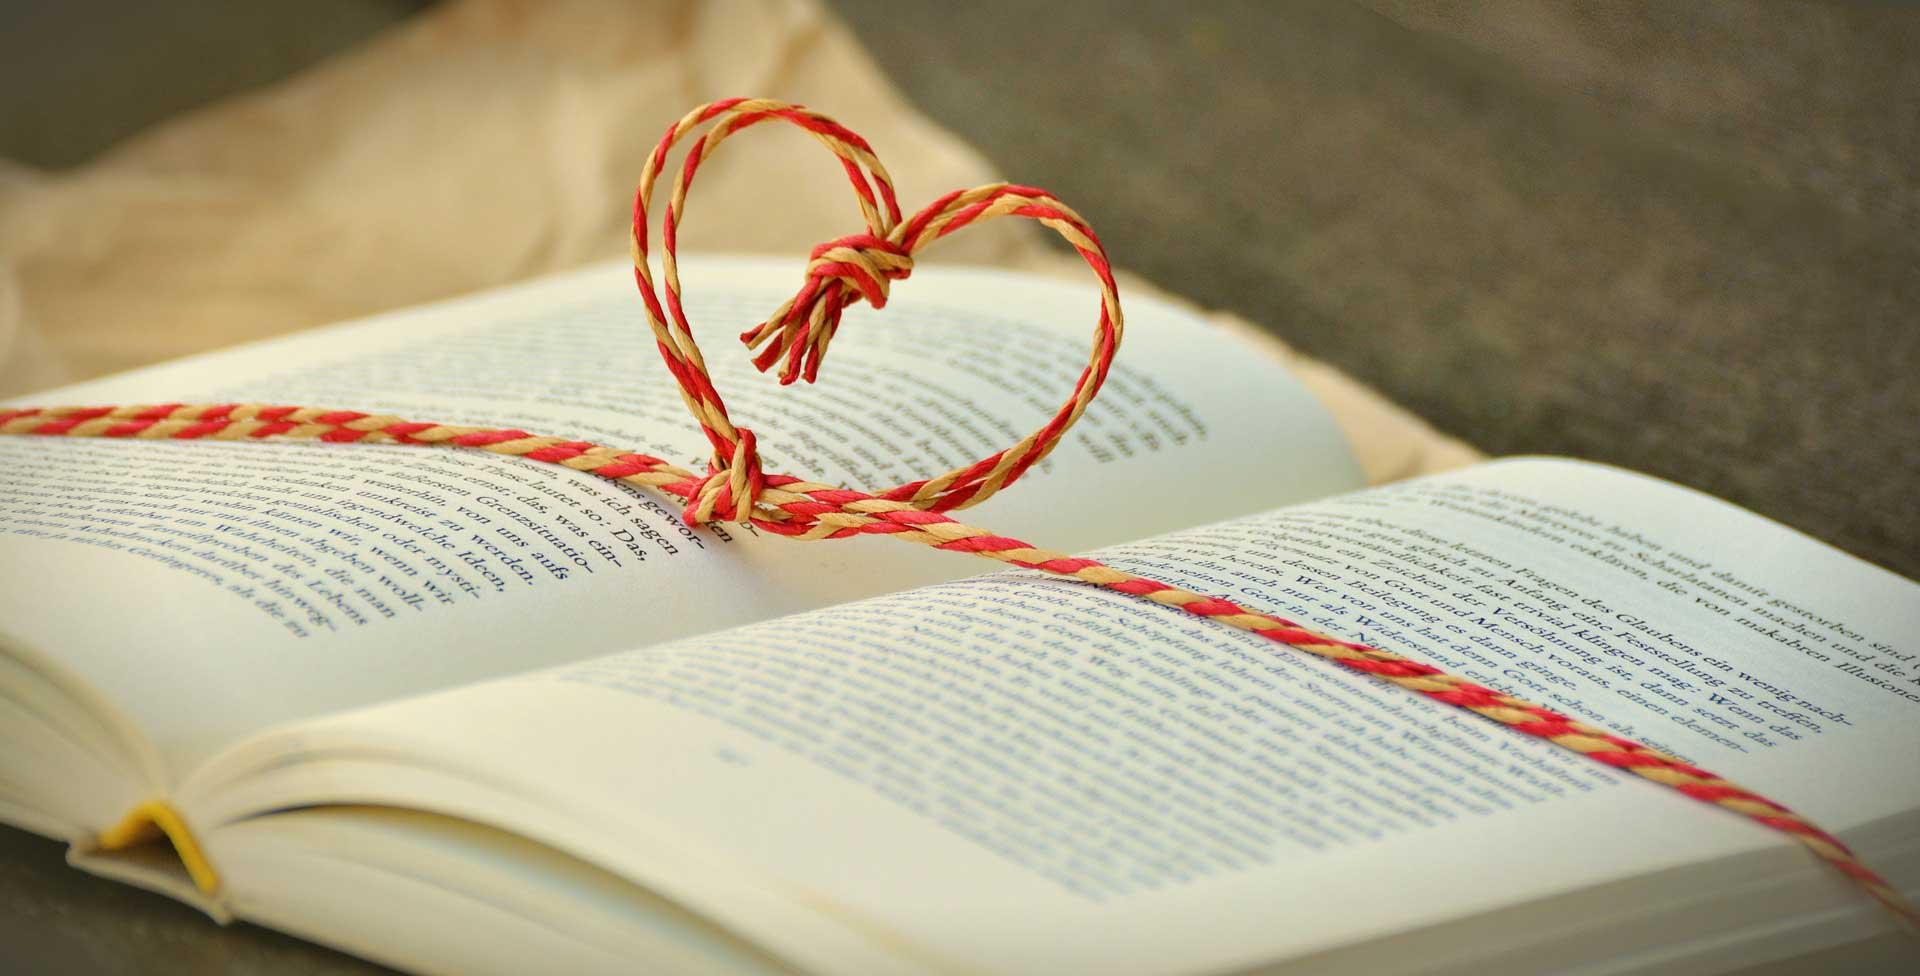 Buch Lesetipps Weise Geschichten Zitate Und Gedanken Lichtkreis